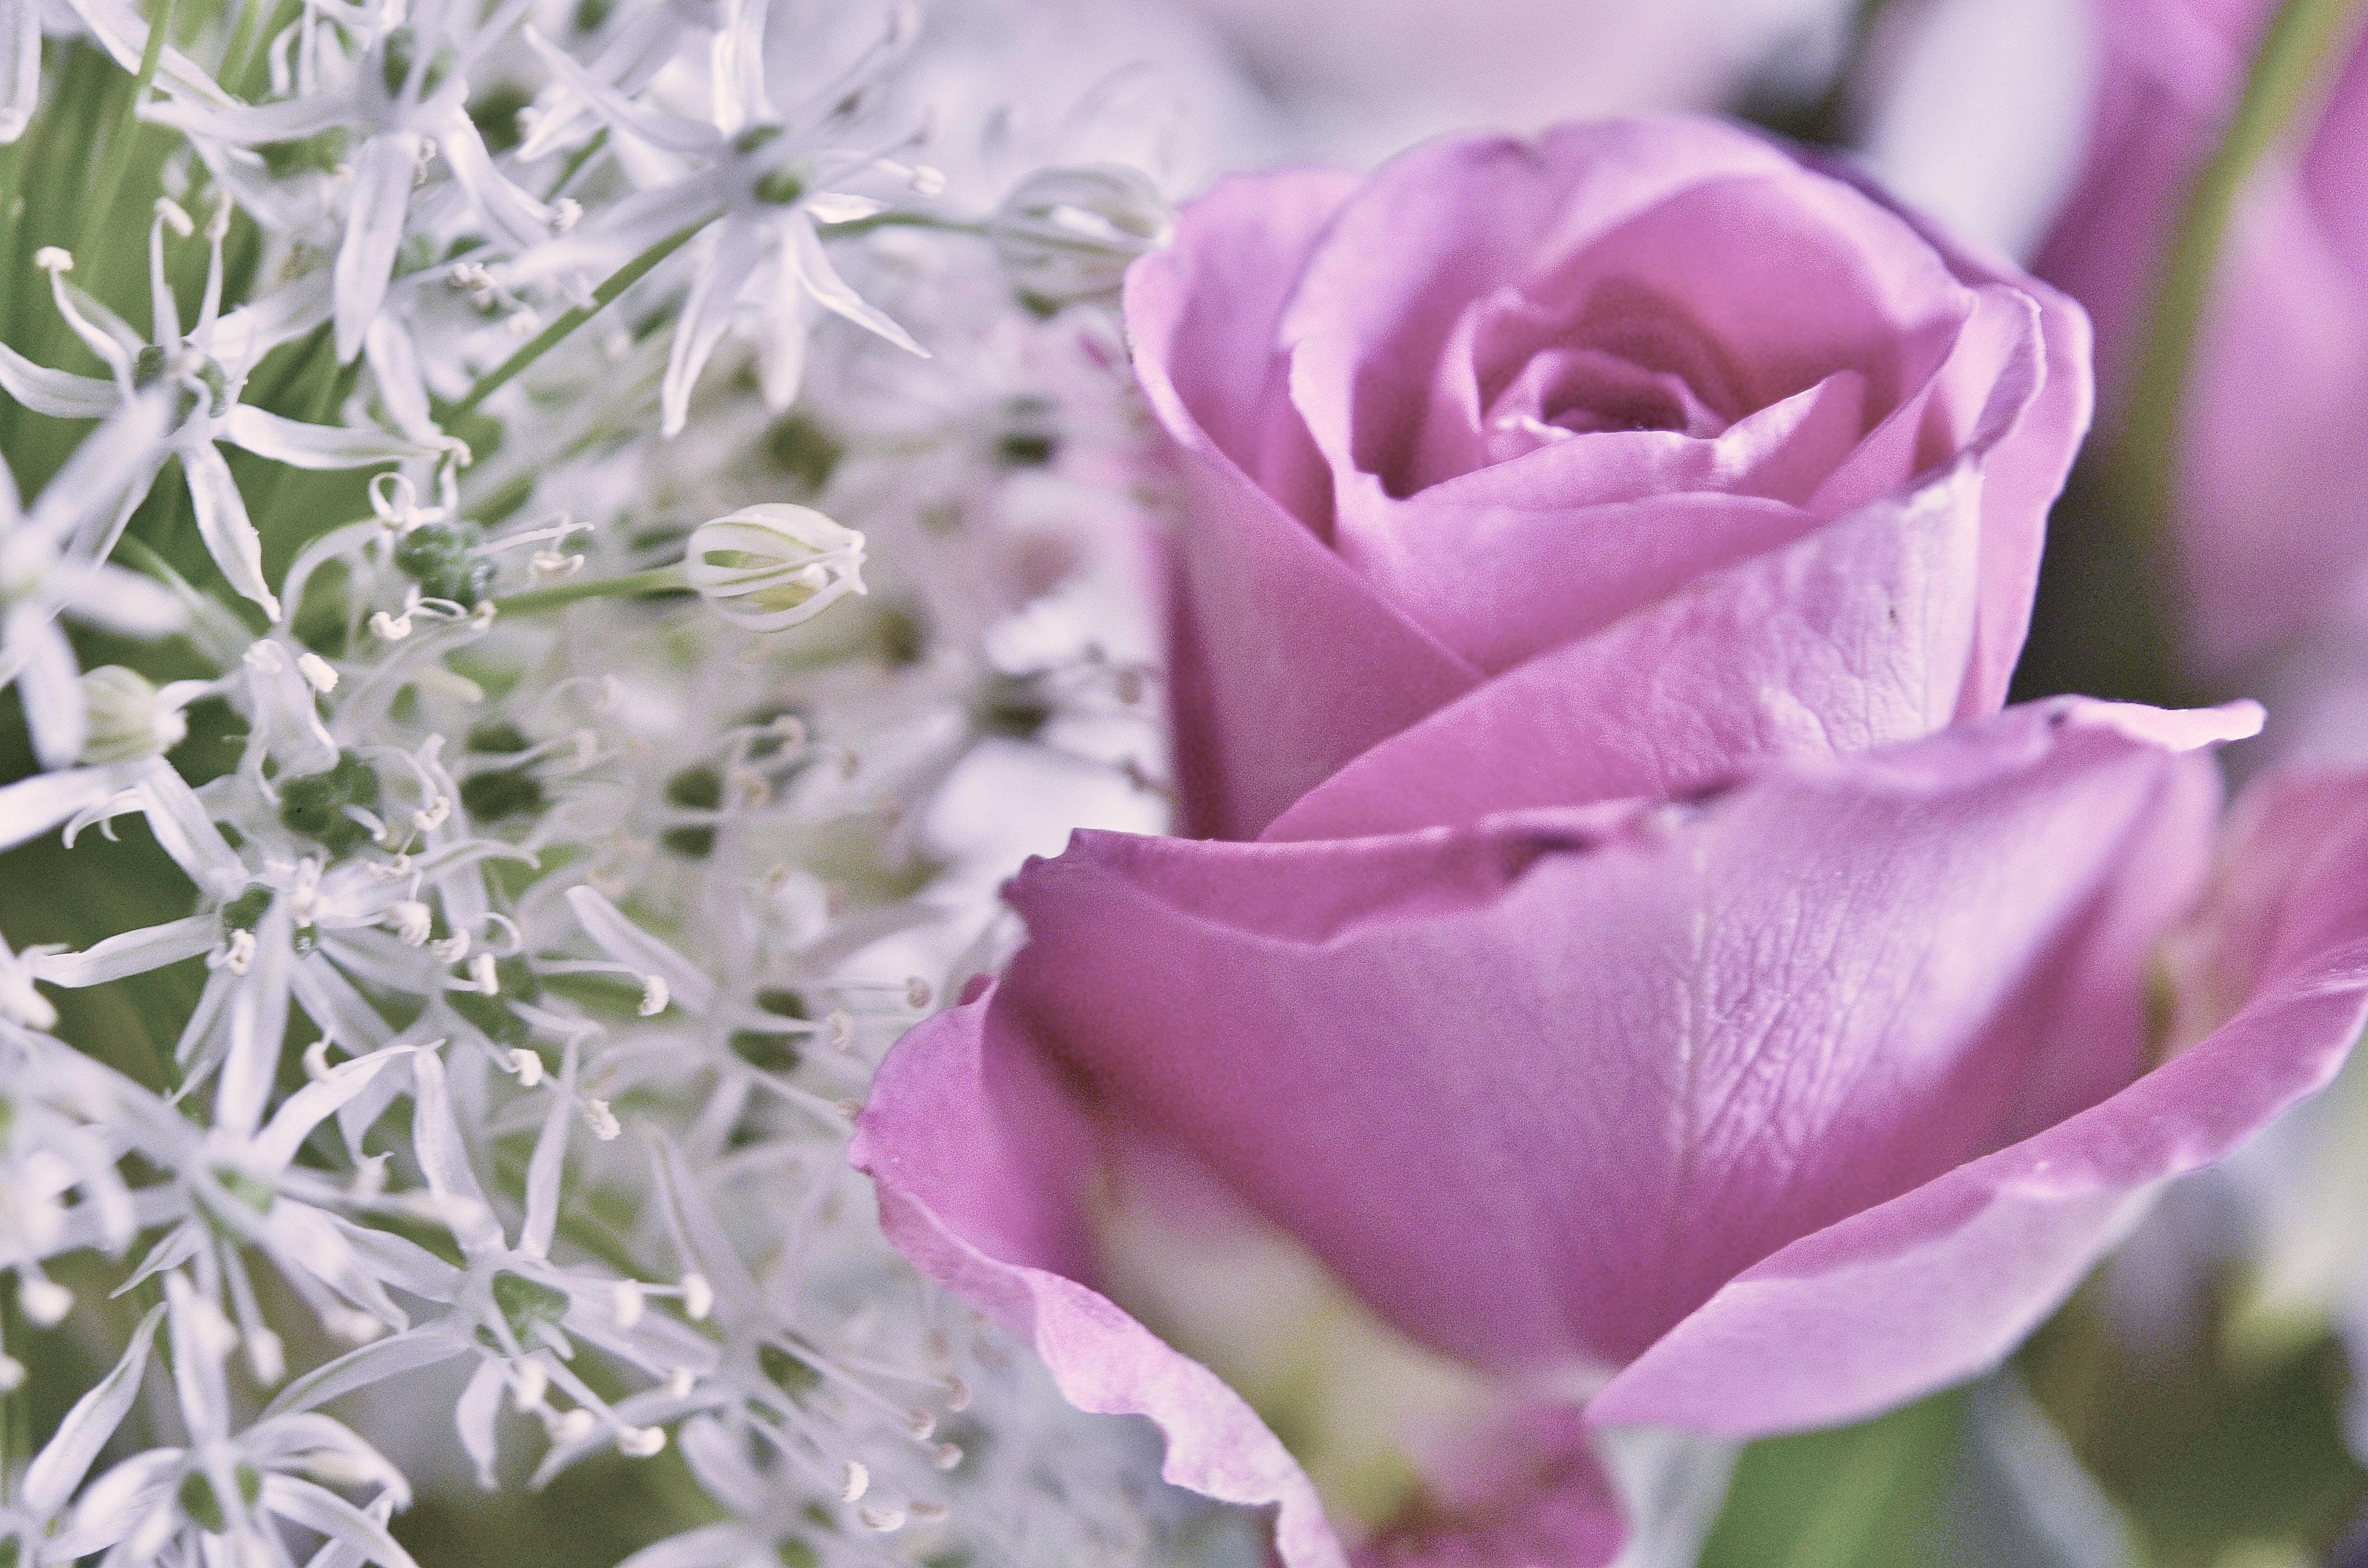 Free Images Nature Blossom Flower Petal Bloom Summer Floral